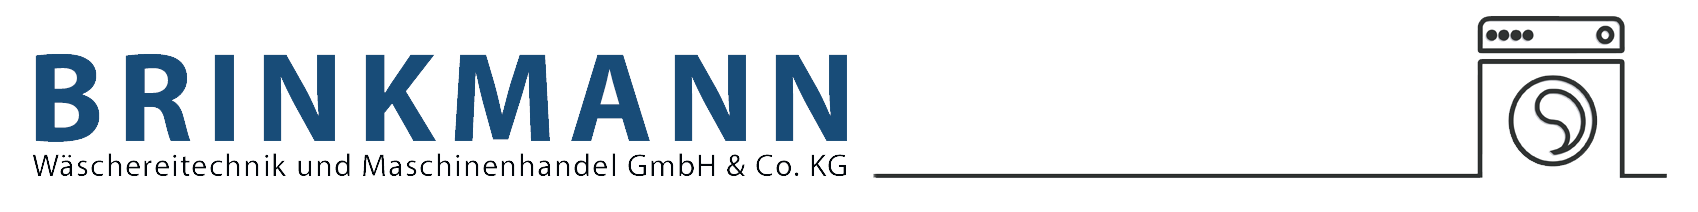 Brinkmann Wäscherei und Maschinenhandel GmbH & Co. KG